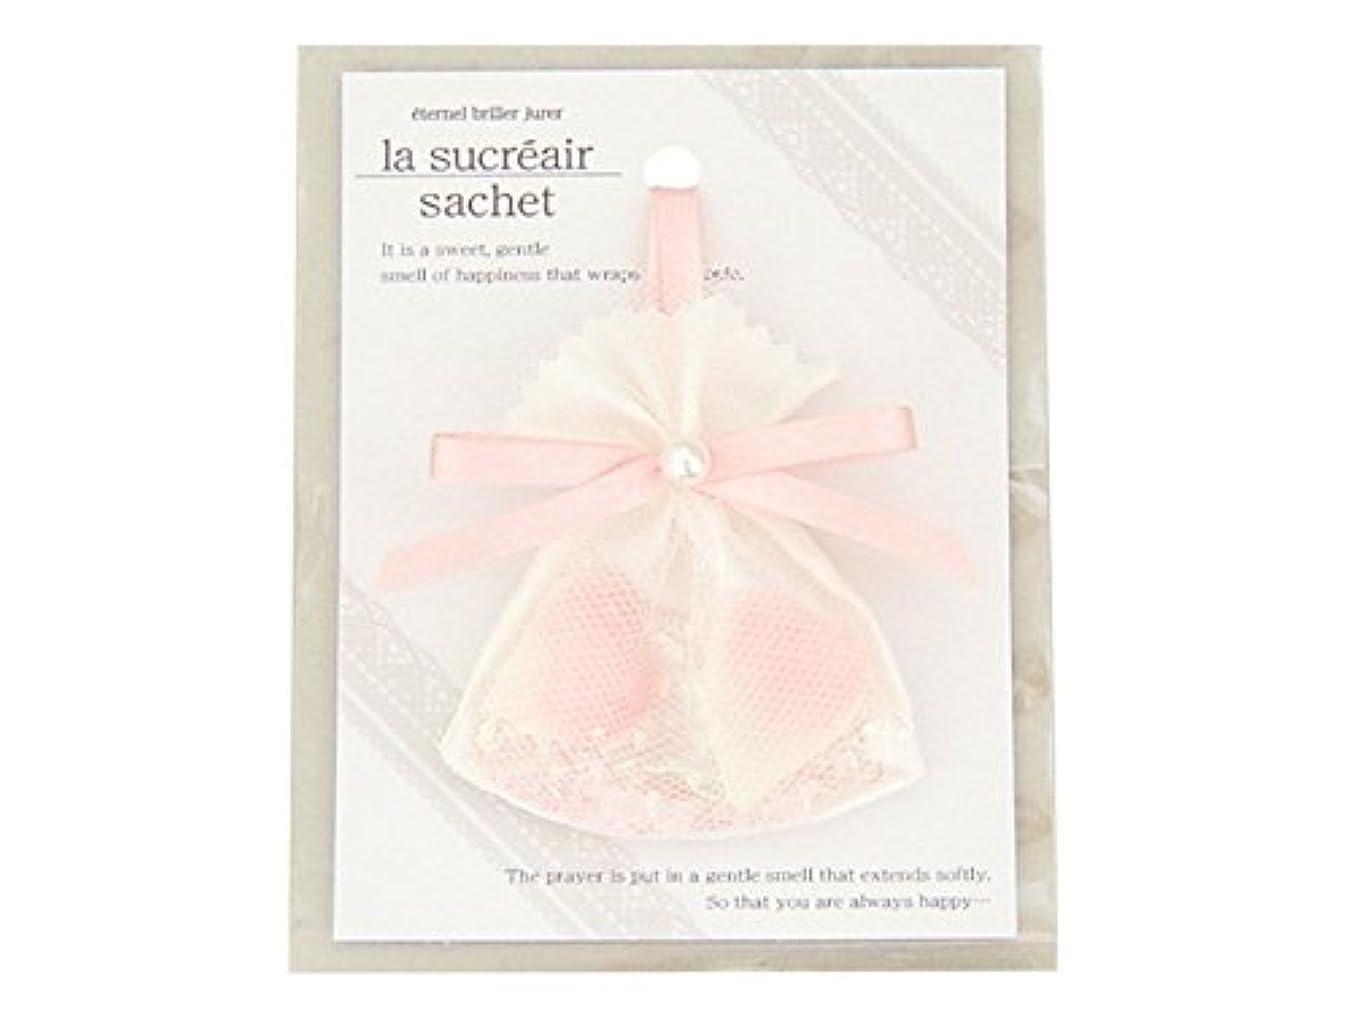 神話エンドテーブル距離アロマ 巾着チュールサシェ ピュアローズの香り LA-06PU